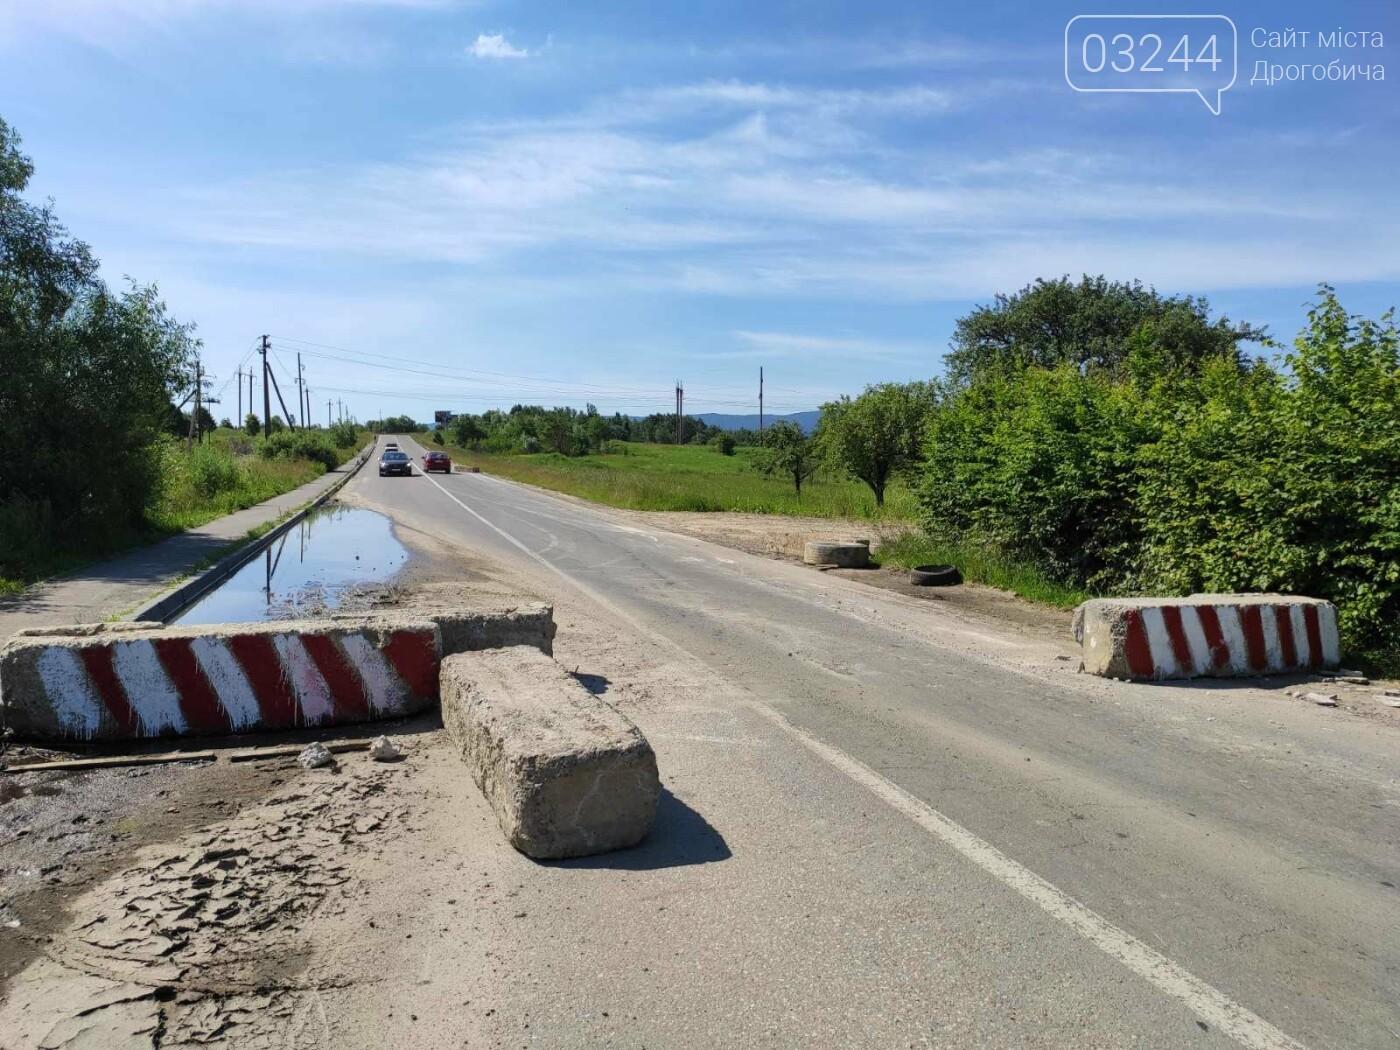 Дорогу на Трускавець вчергове відкрили: вночі відсунули бетонні блоки, - ФОТО, фото-7